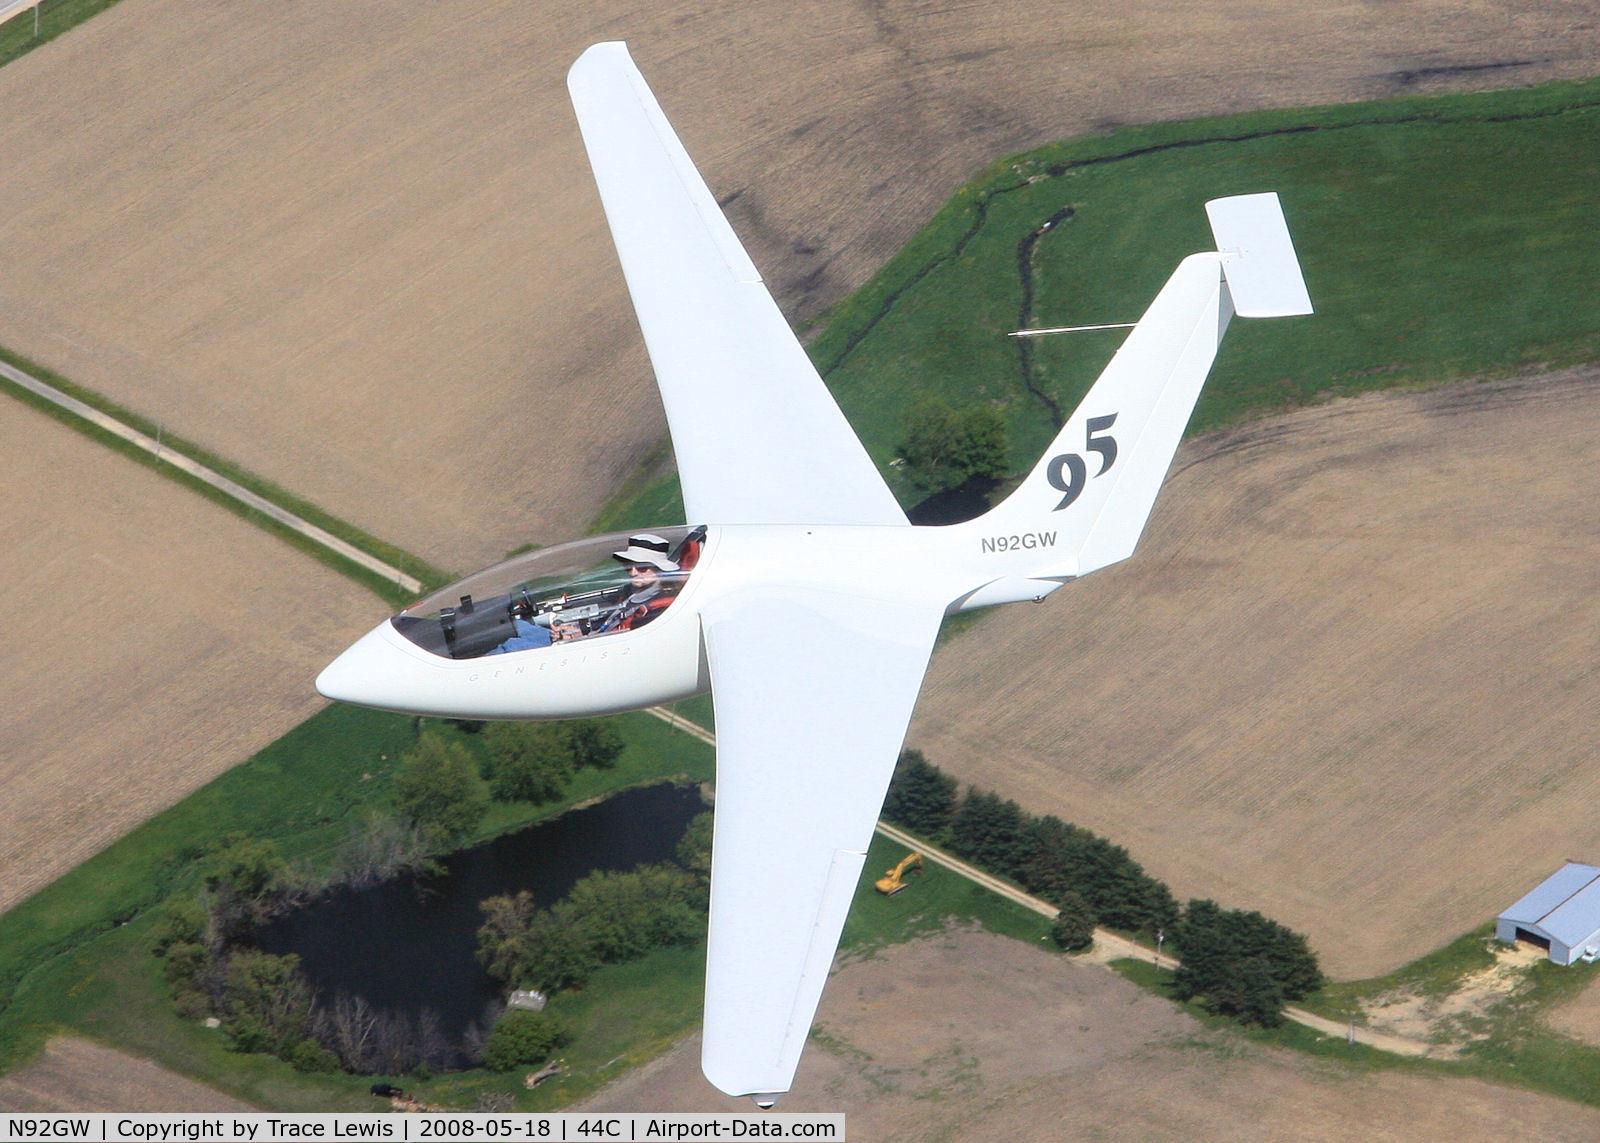 N92GW, 1999 Sportine Aviacija Genesis 2 C/N 2008, Air to Air with Genesis